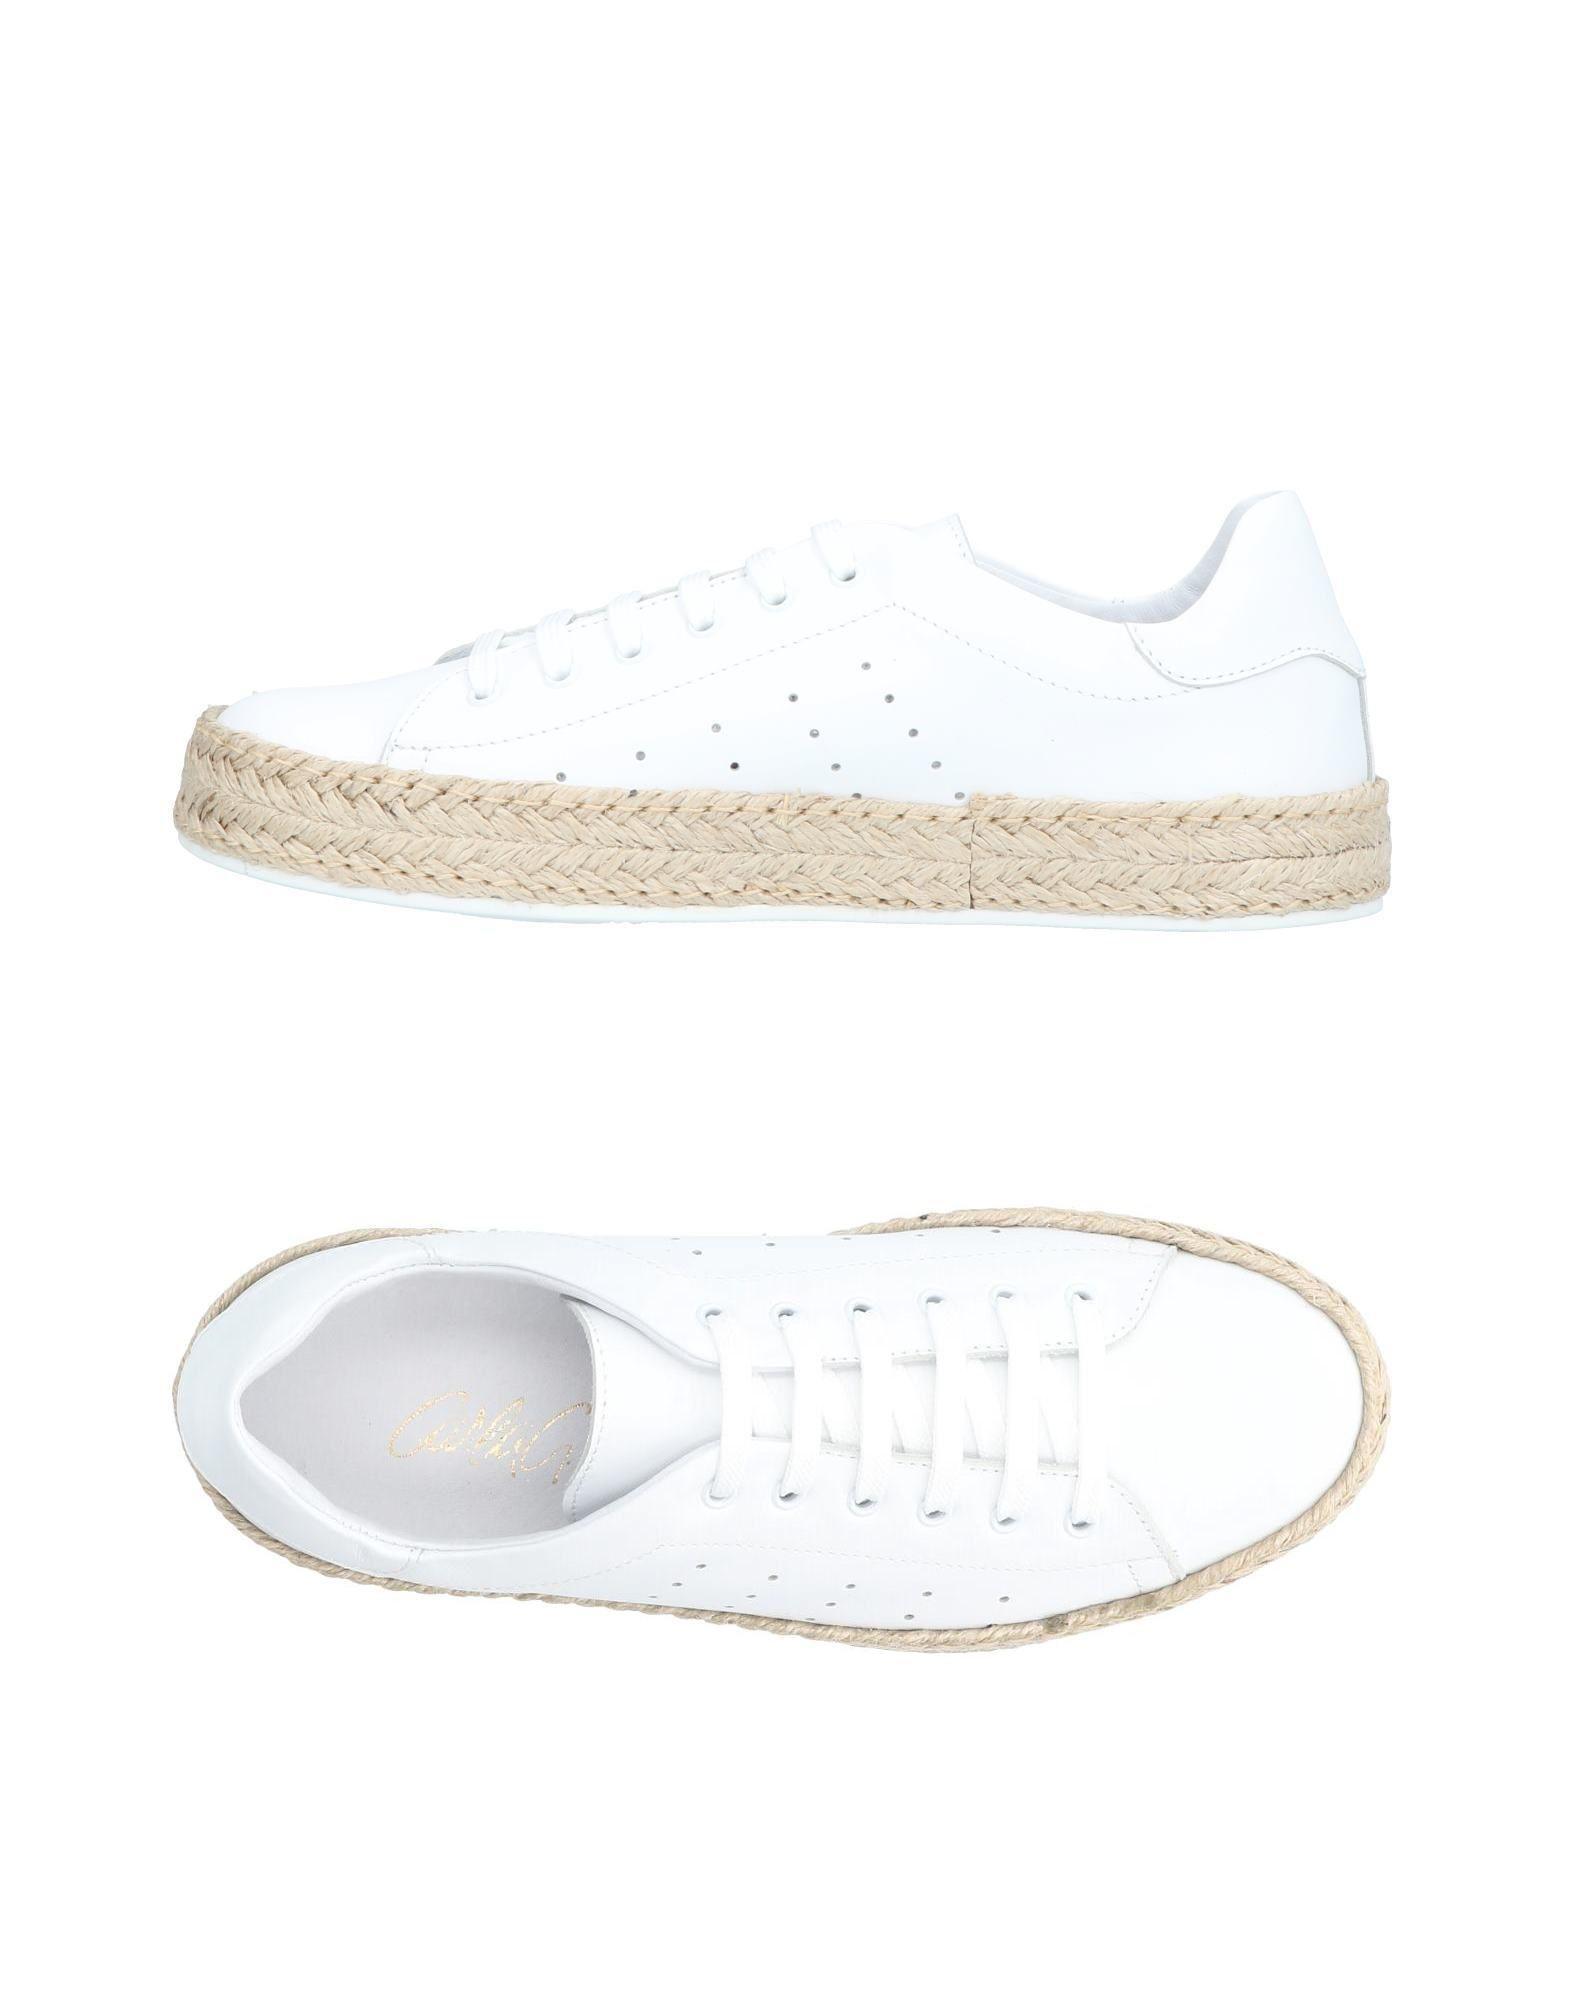 FOOTWEAR - Low-tops & sneakers Carla G. ODU3pIC